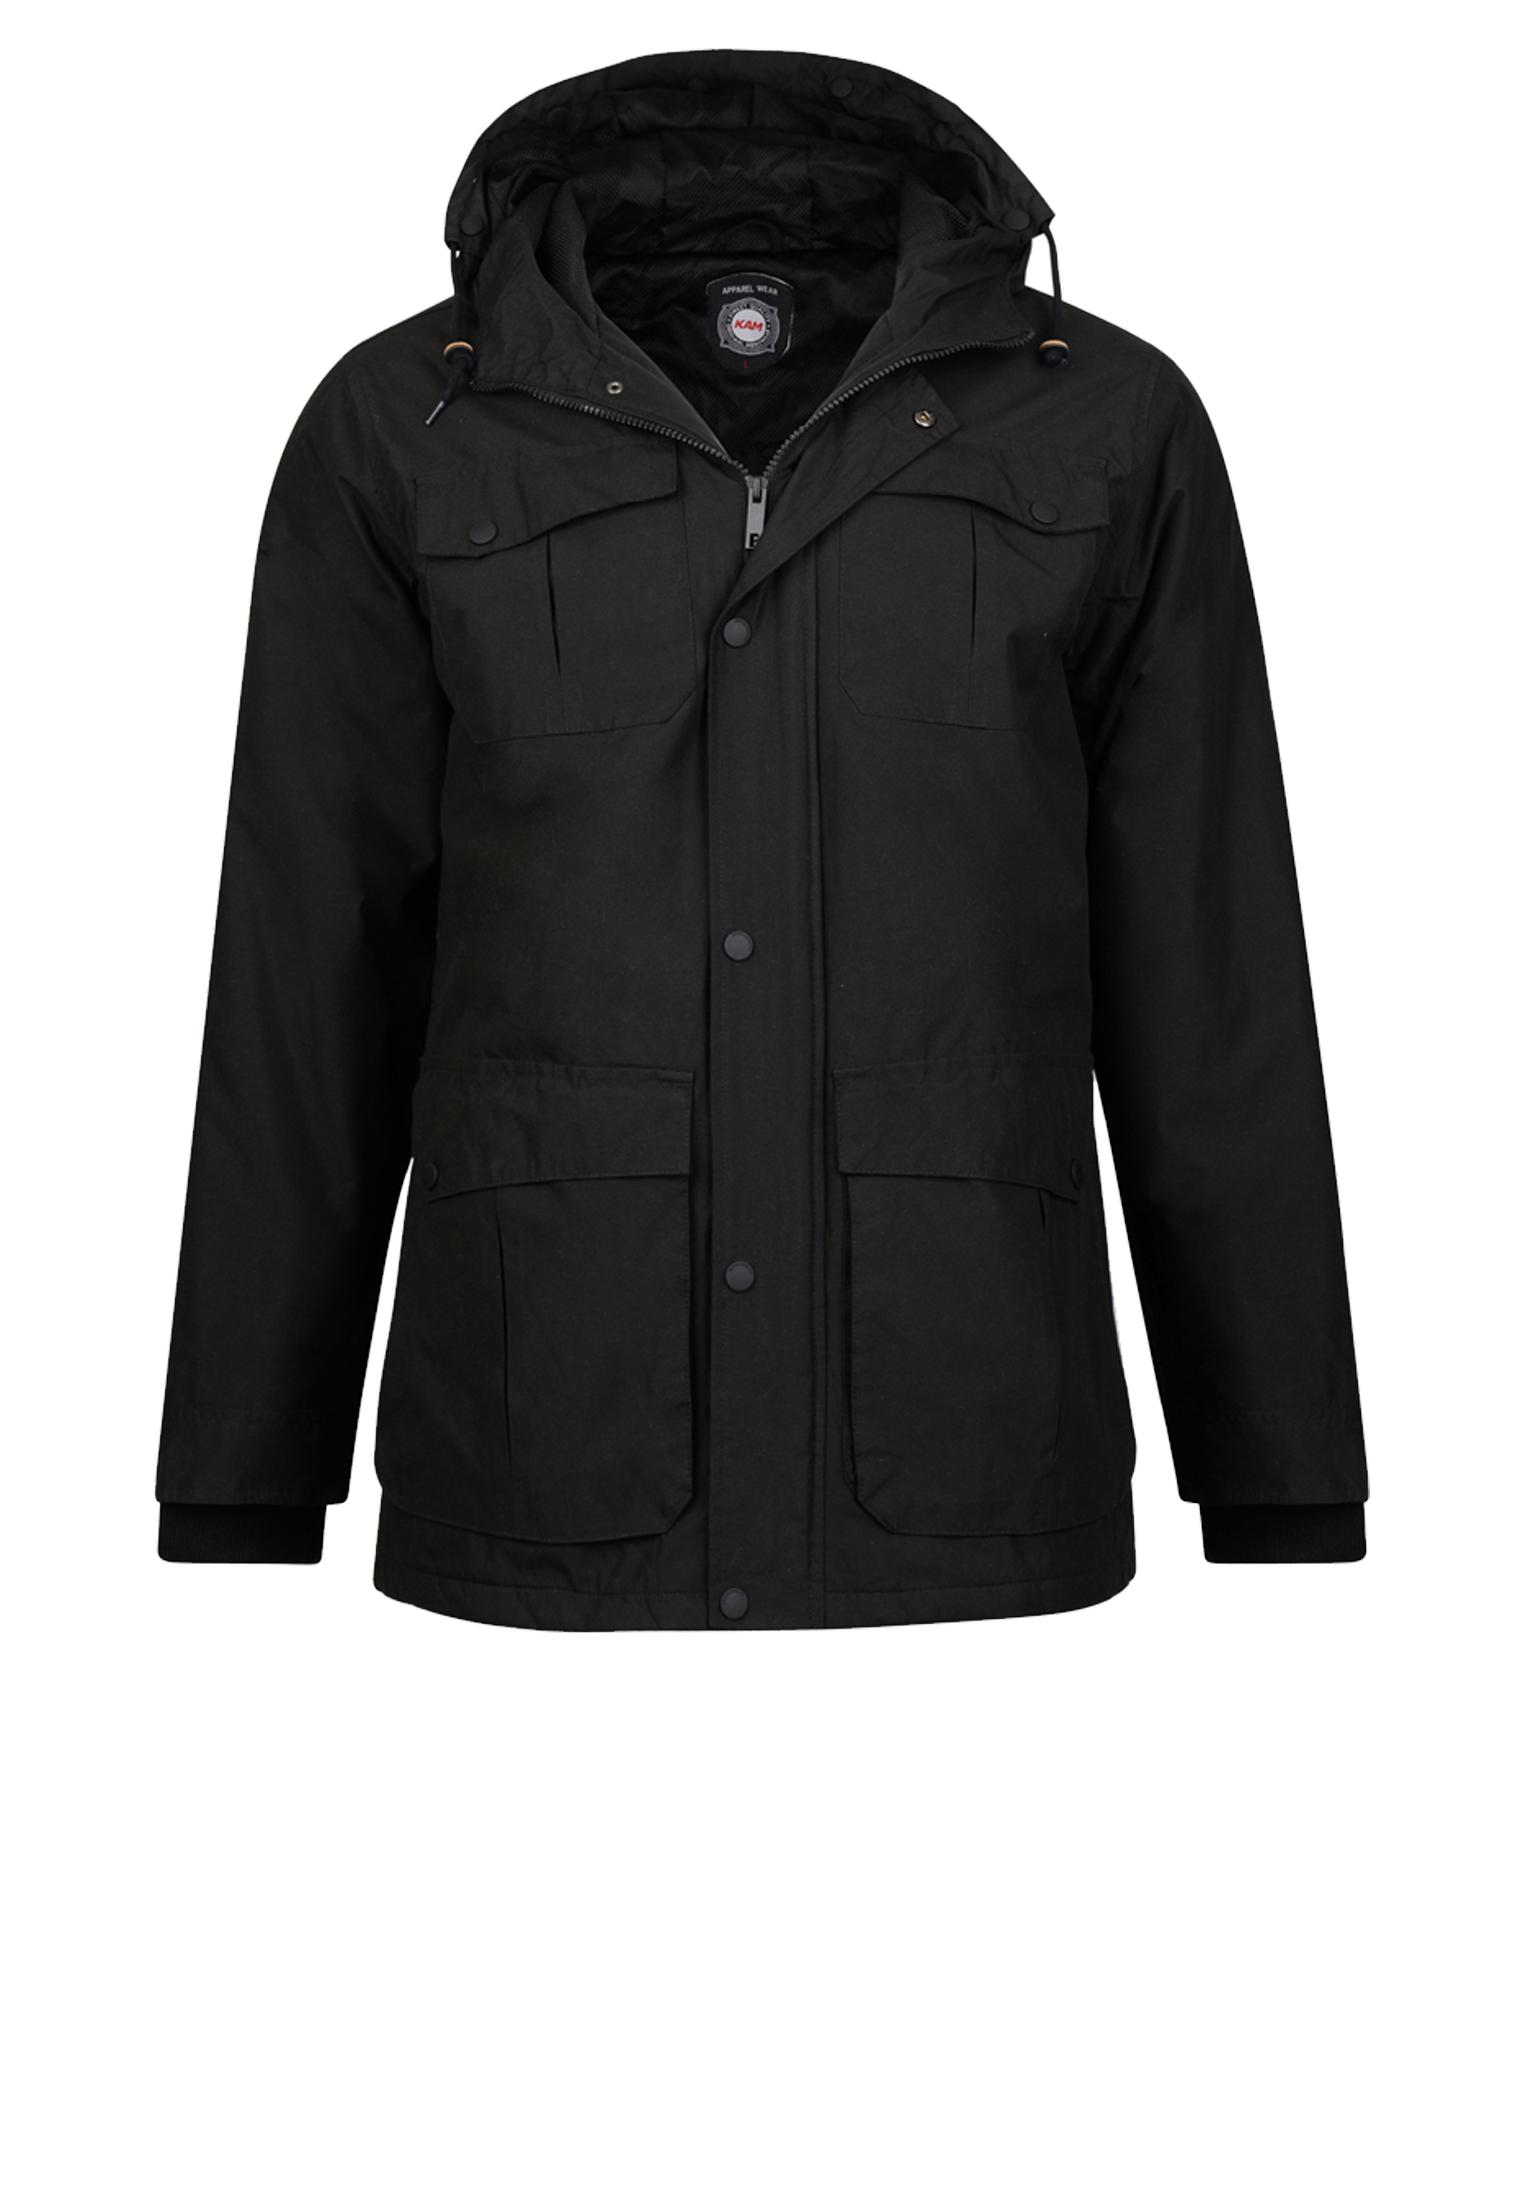 Stoere, halflange winterjas van het merk KAM JEANSWEAR voorzien van 2 grote zakken, 2 borstzakken waarvan 2 afsluitbaar met een drukknoop. De jas is voorzien van elastisch rib-breisel in de mouwen.